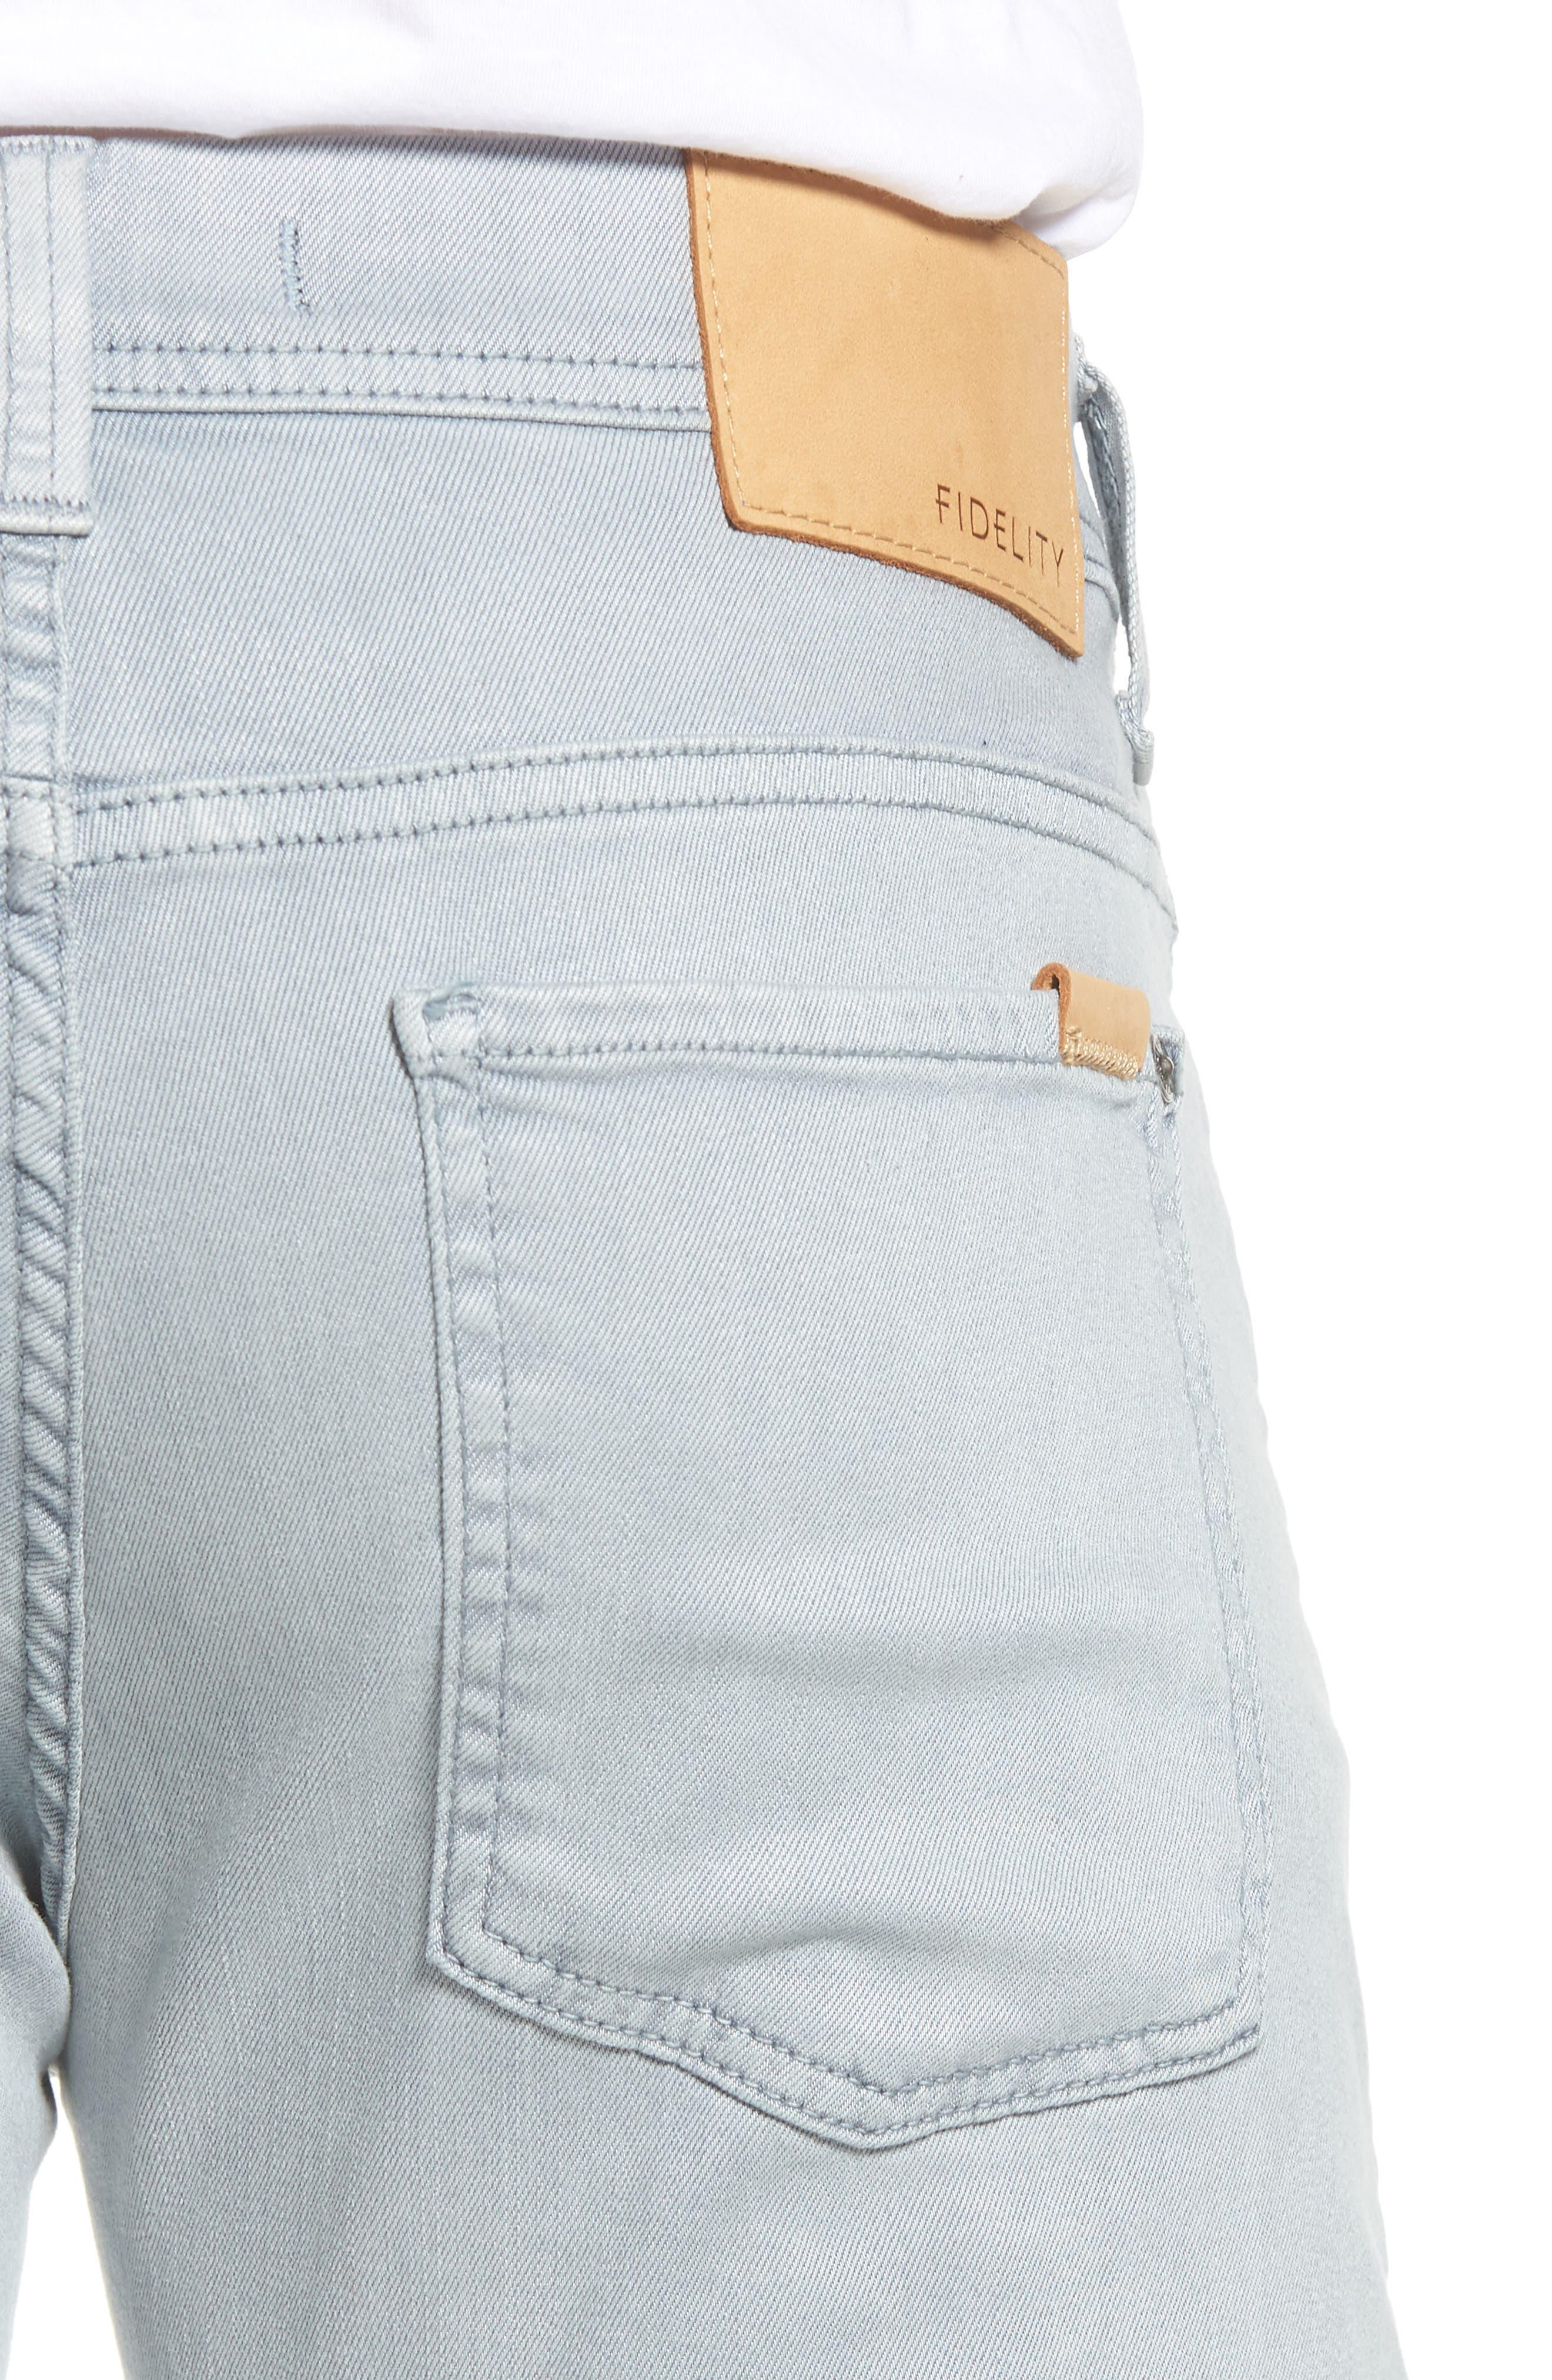 FIDELITY DENIM,                             Fidelity Jimmy Slim Straight Leg Jeans,                             Alternate thumbnail 4, color,                             020